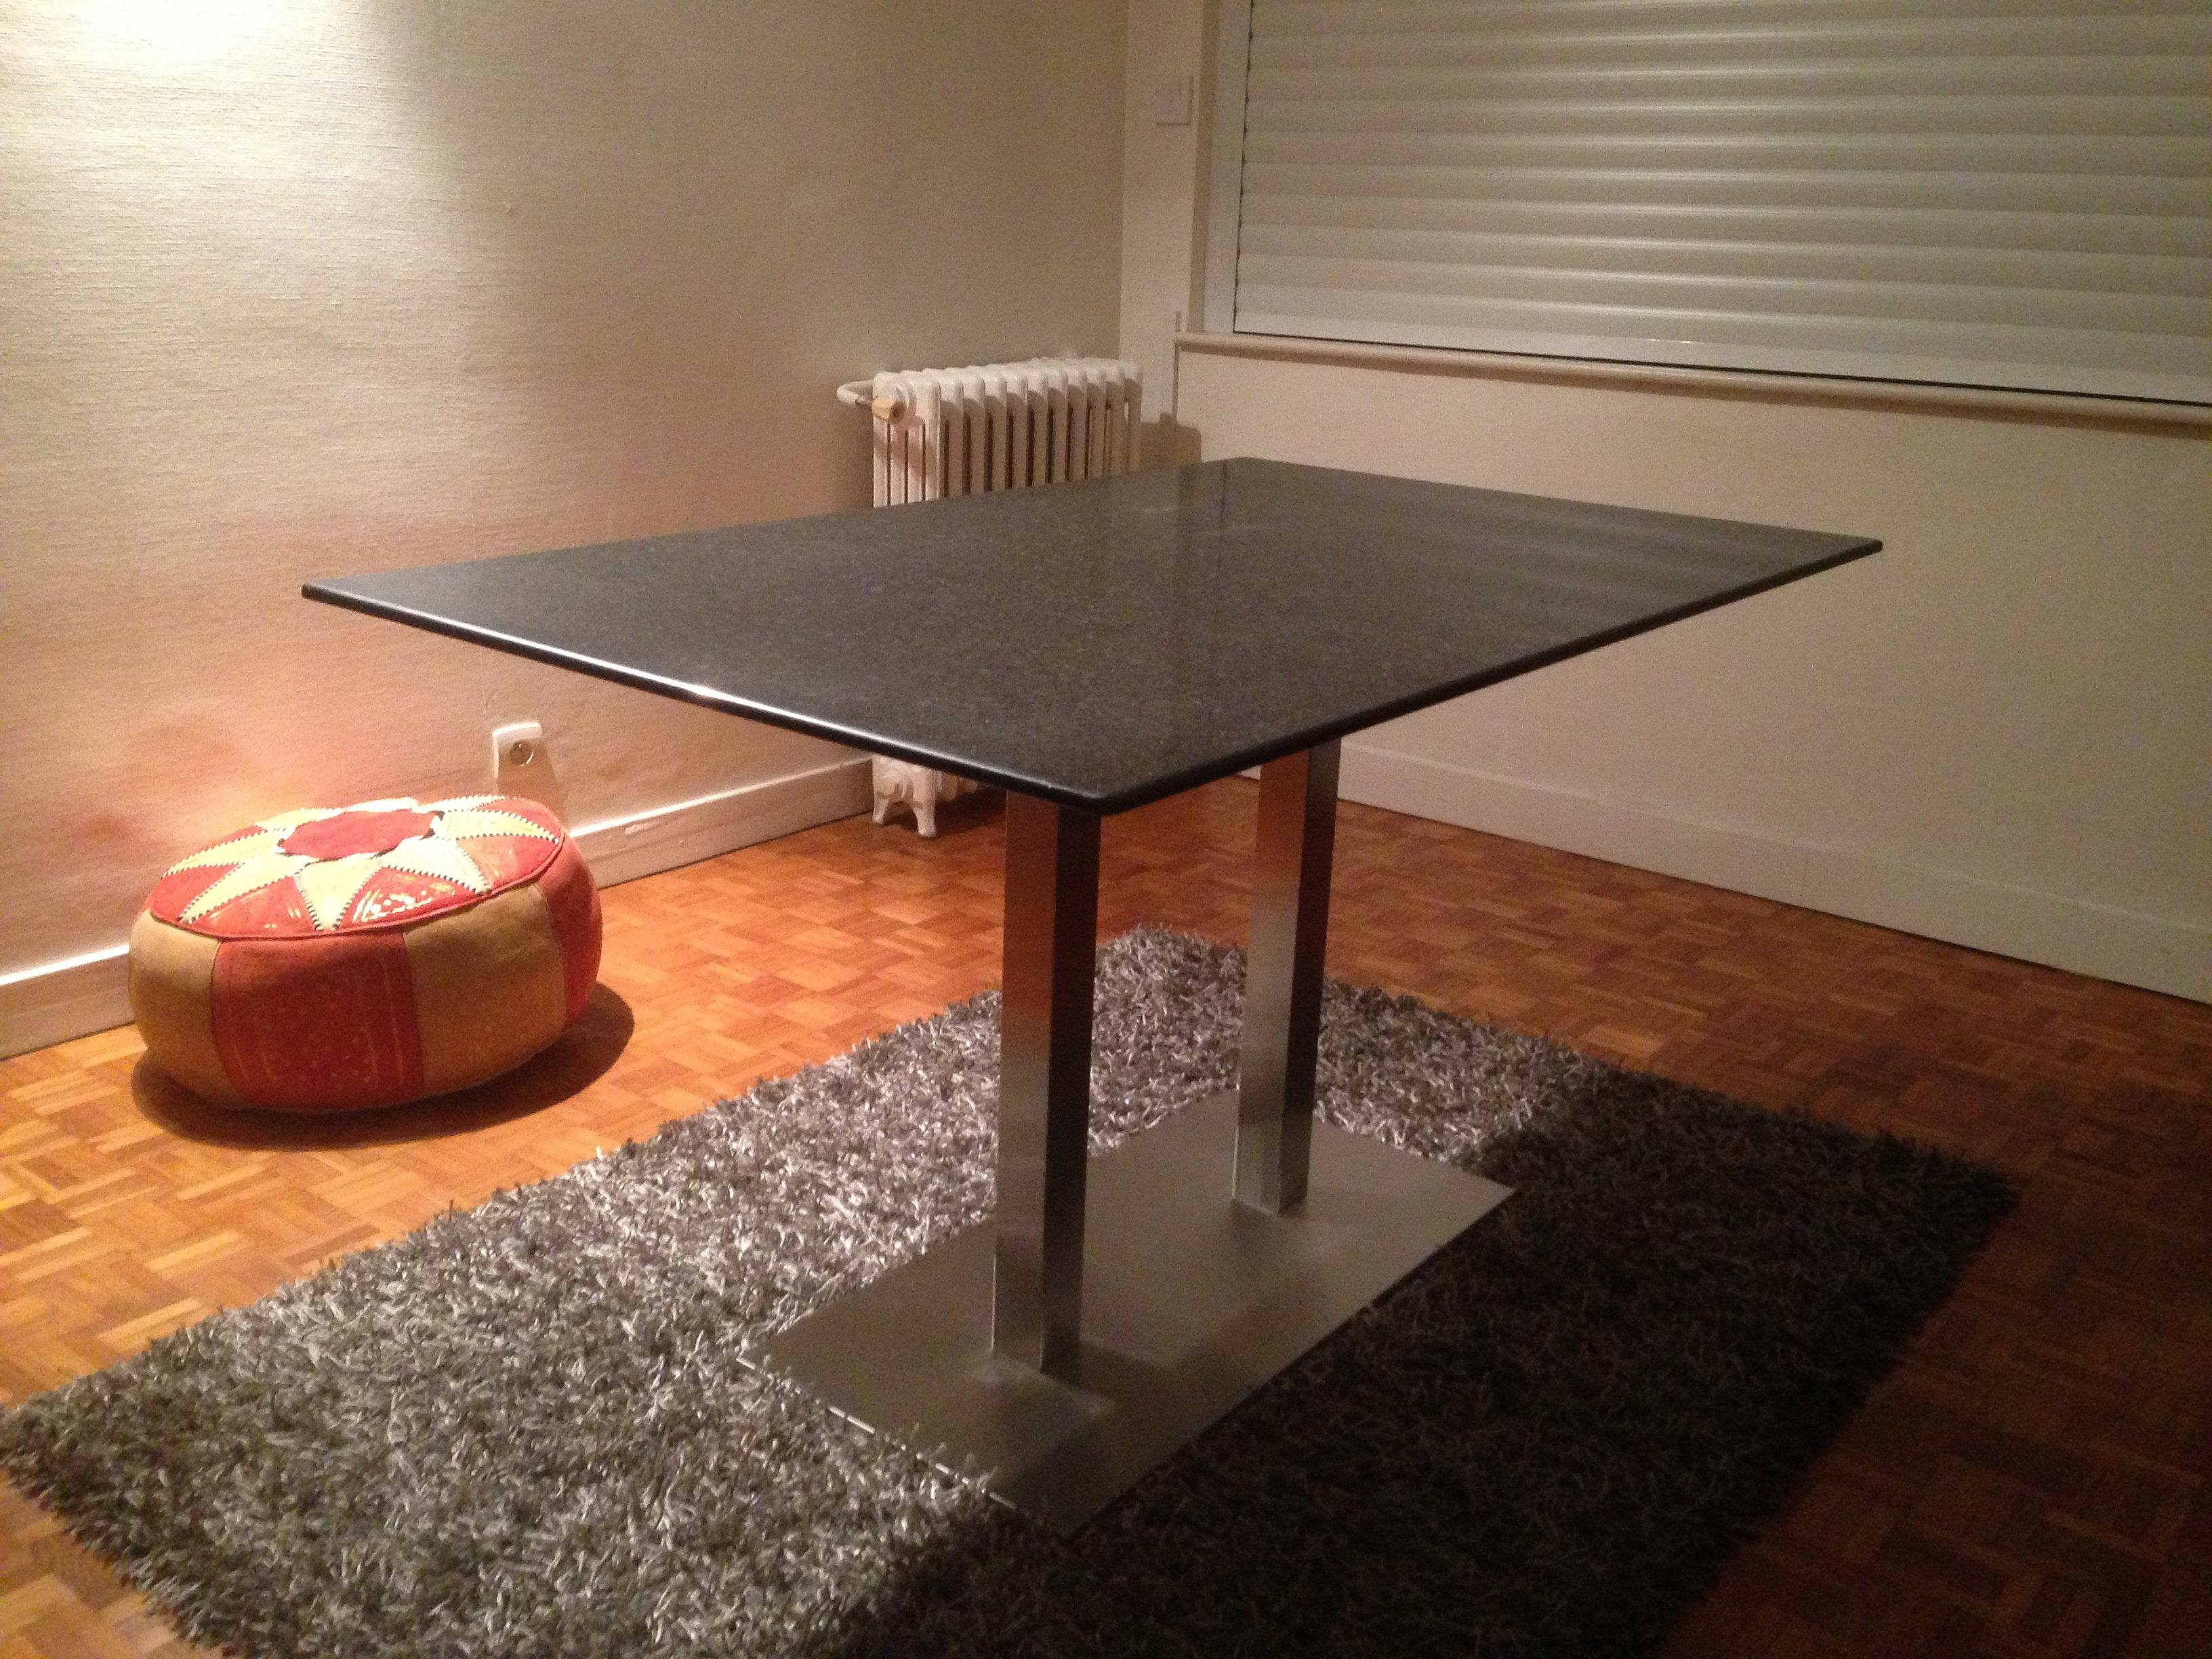 devis plan de travail com paris granit quartz marbre table sur mesure granit. Black Bedroom Furniture Sets. Home Design Ideas